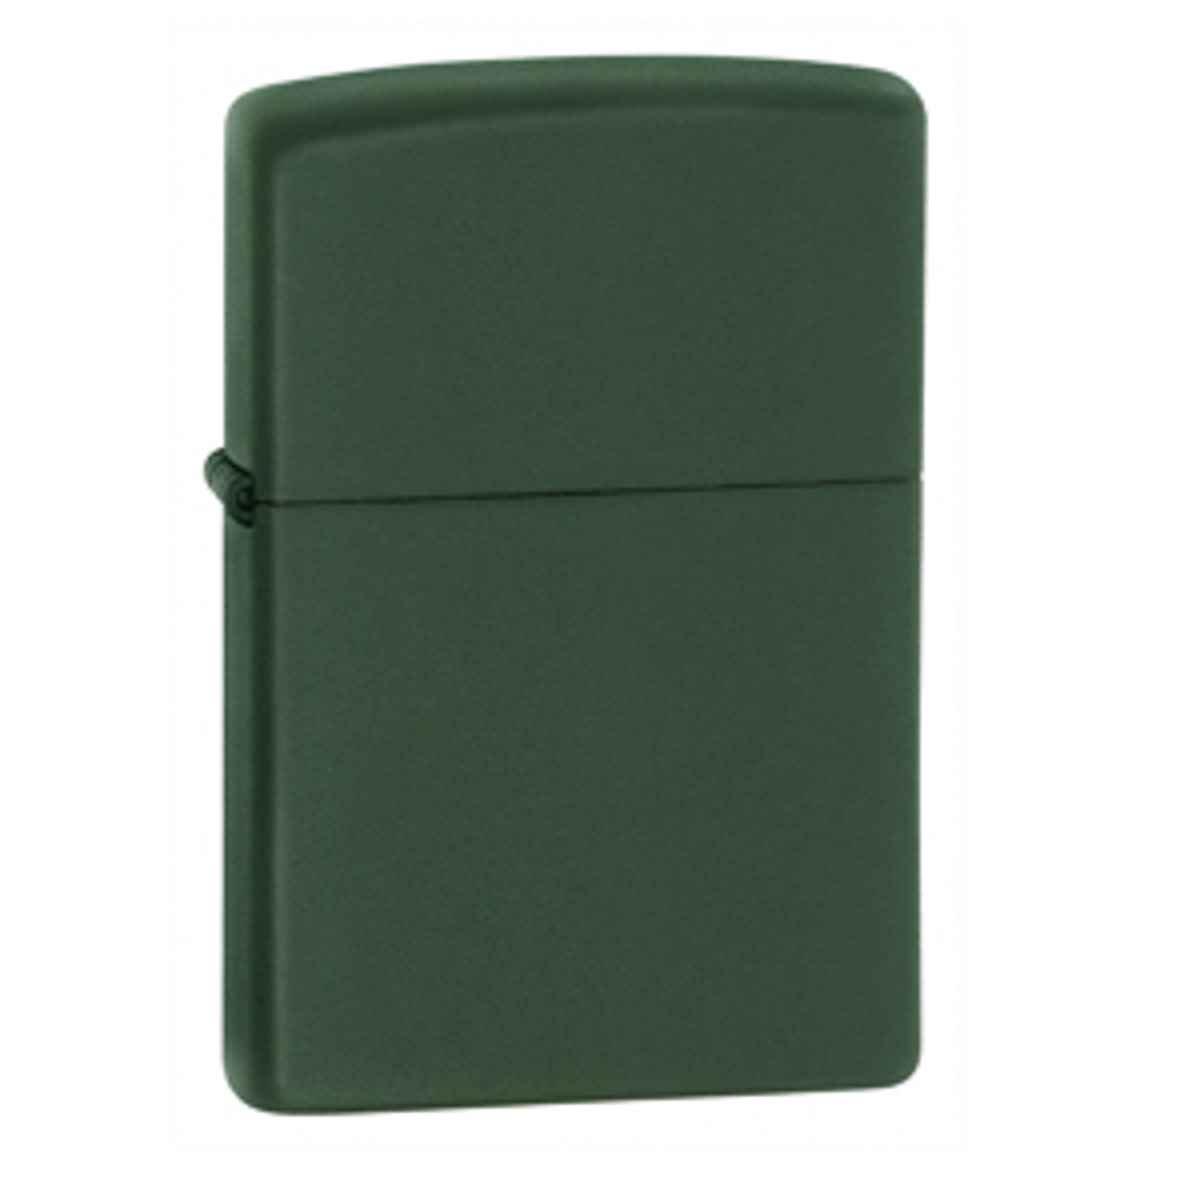 Zippo Lighter – Green Matte